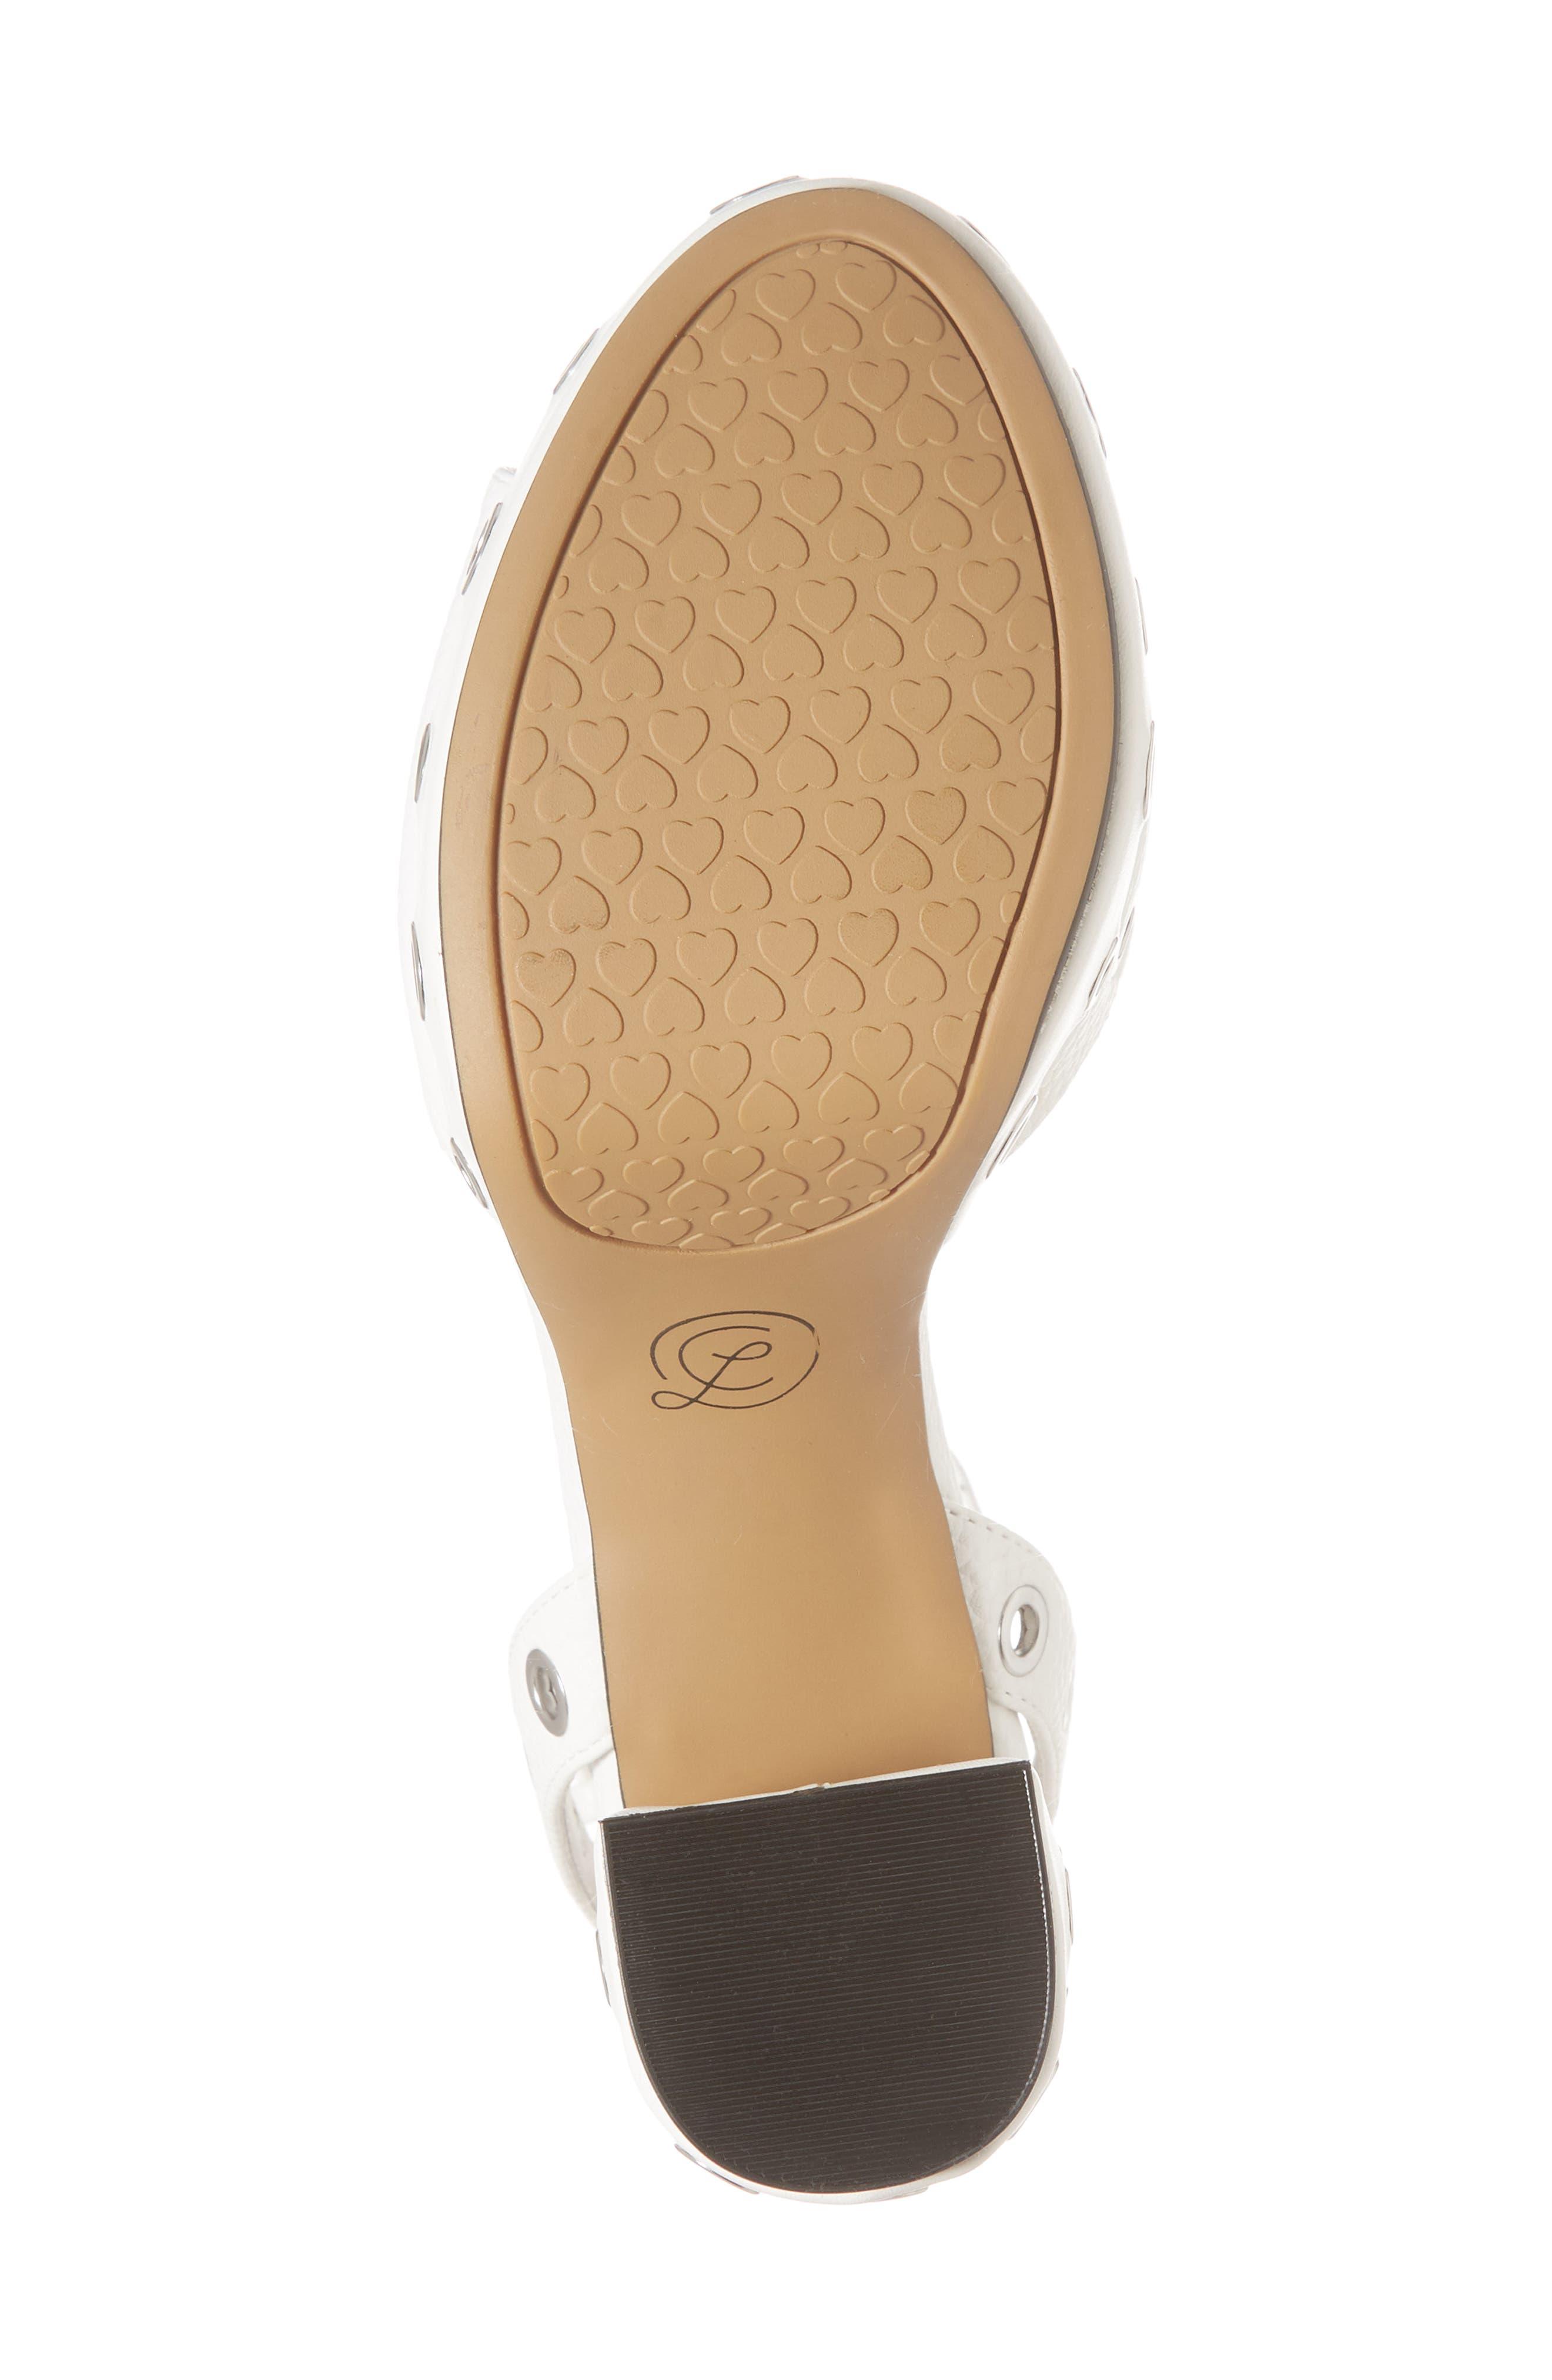 Tara Grommet Platform Sandal,                             Alternate thumbnail 6, color,                             100